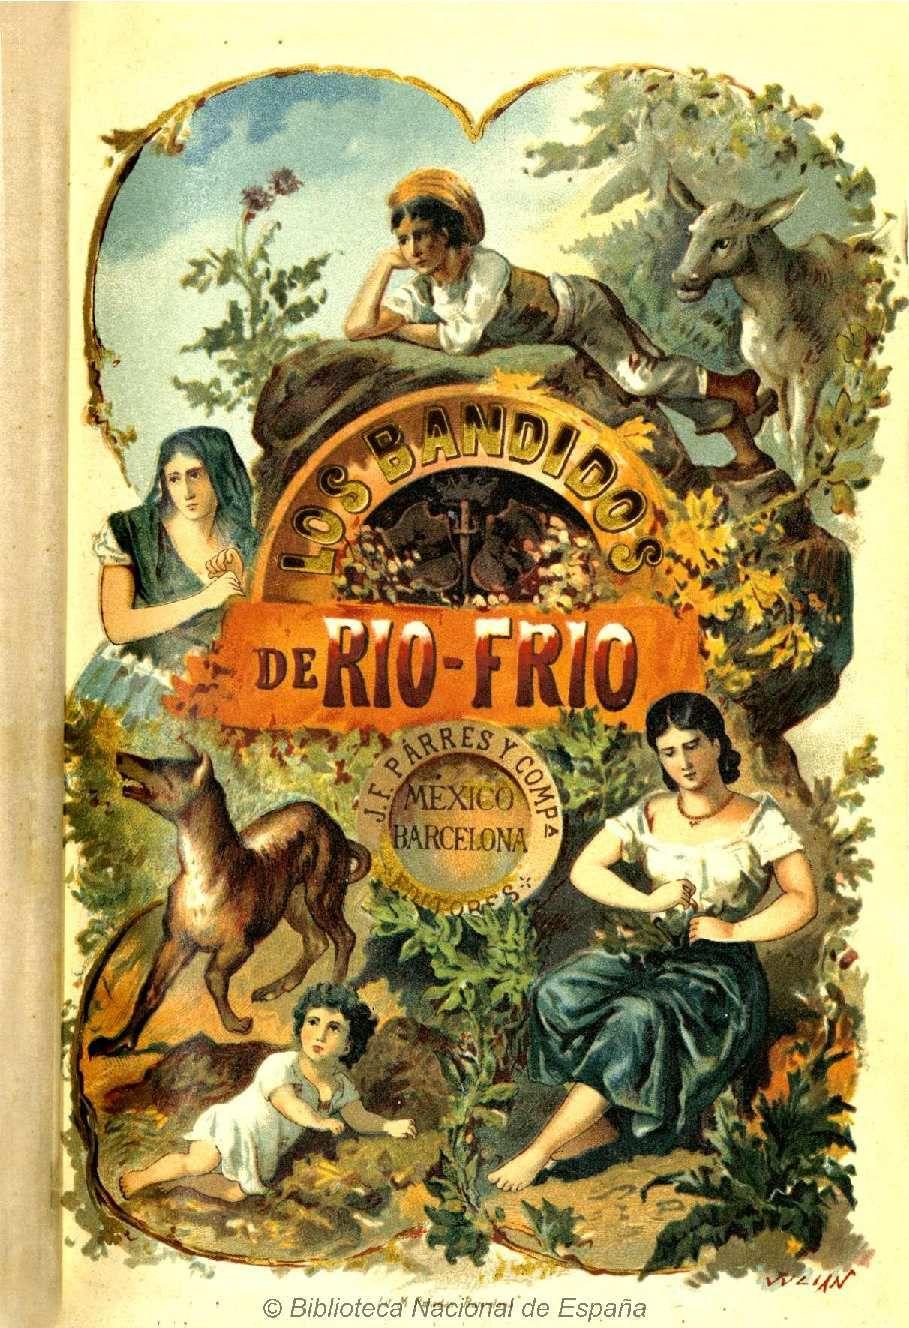 Los bandidos de Río Frío. Payno, Manuel 1810-1894 — Libro — 1891